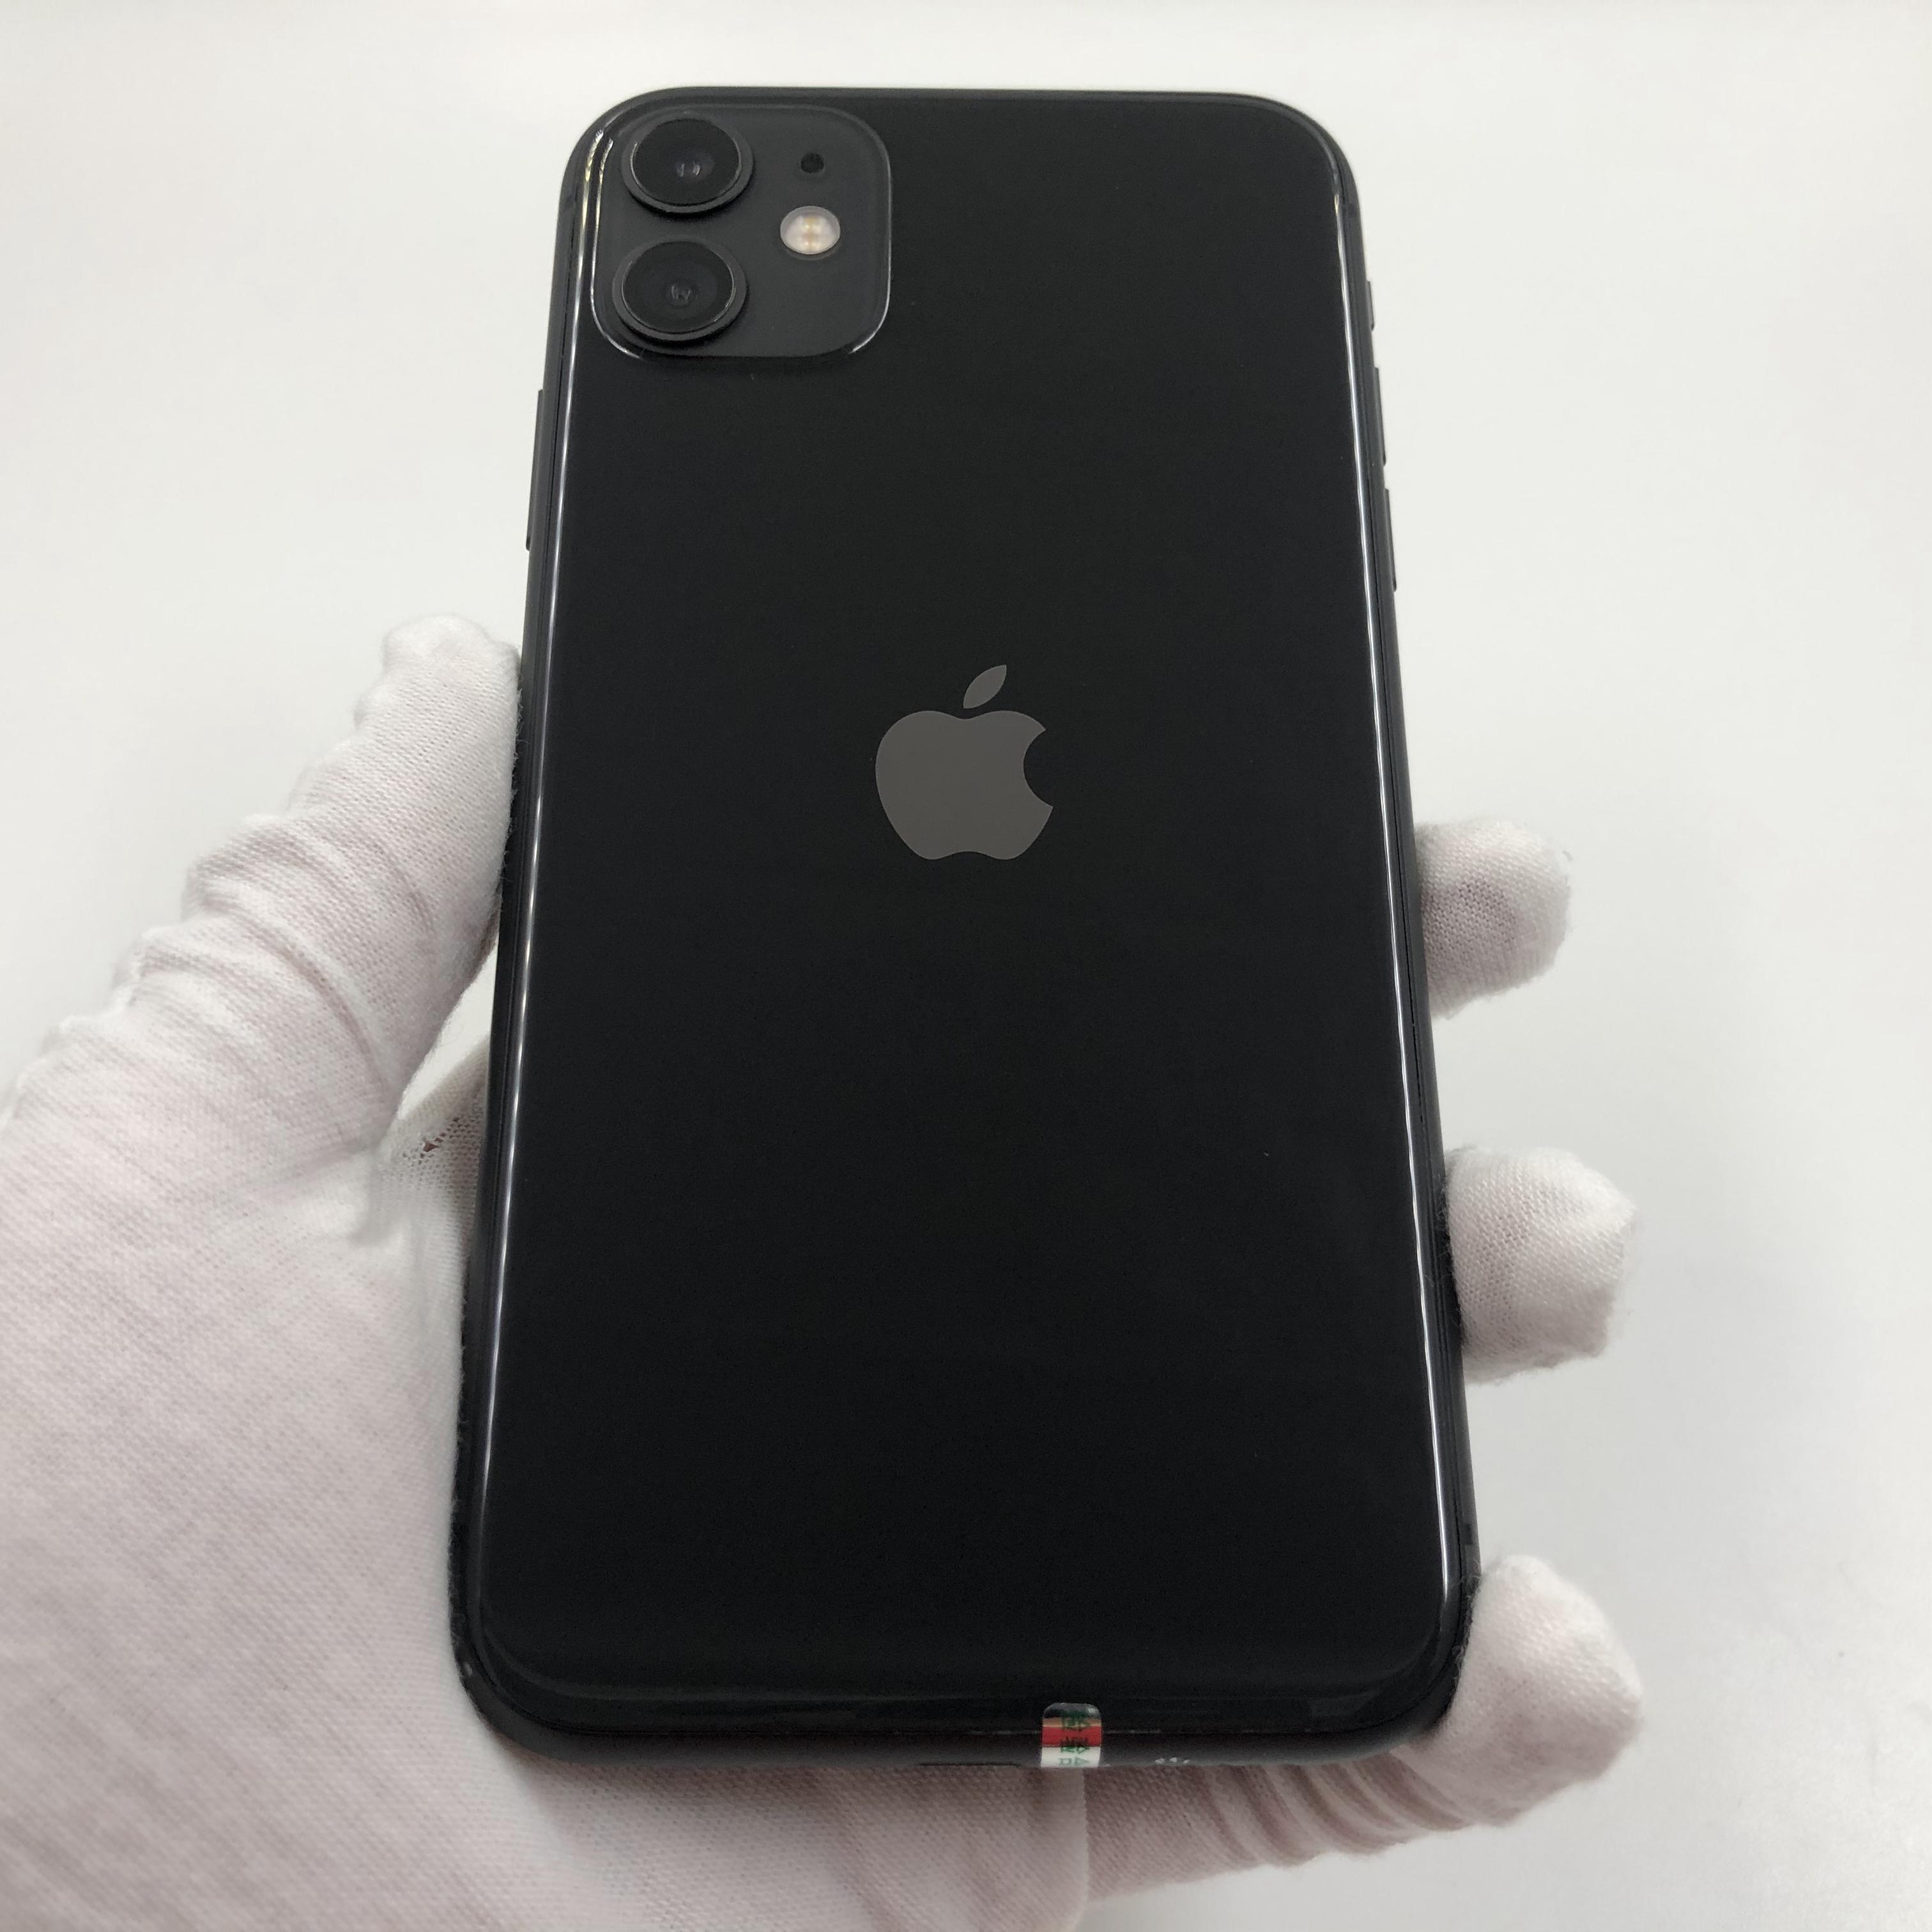 苹果【iPhone 11】4G全网通 黑色 64G 国行 8成新 真机实拍